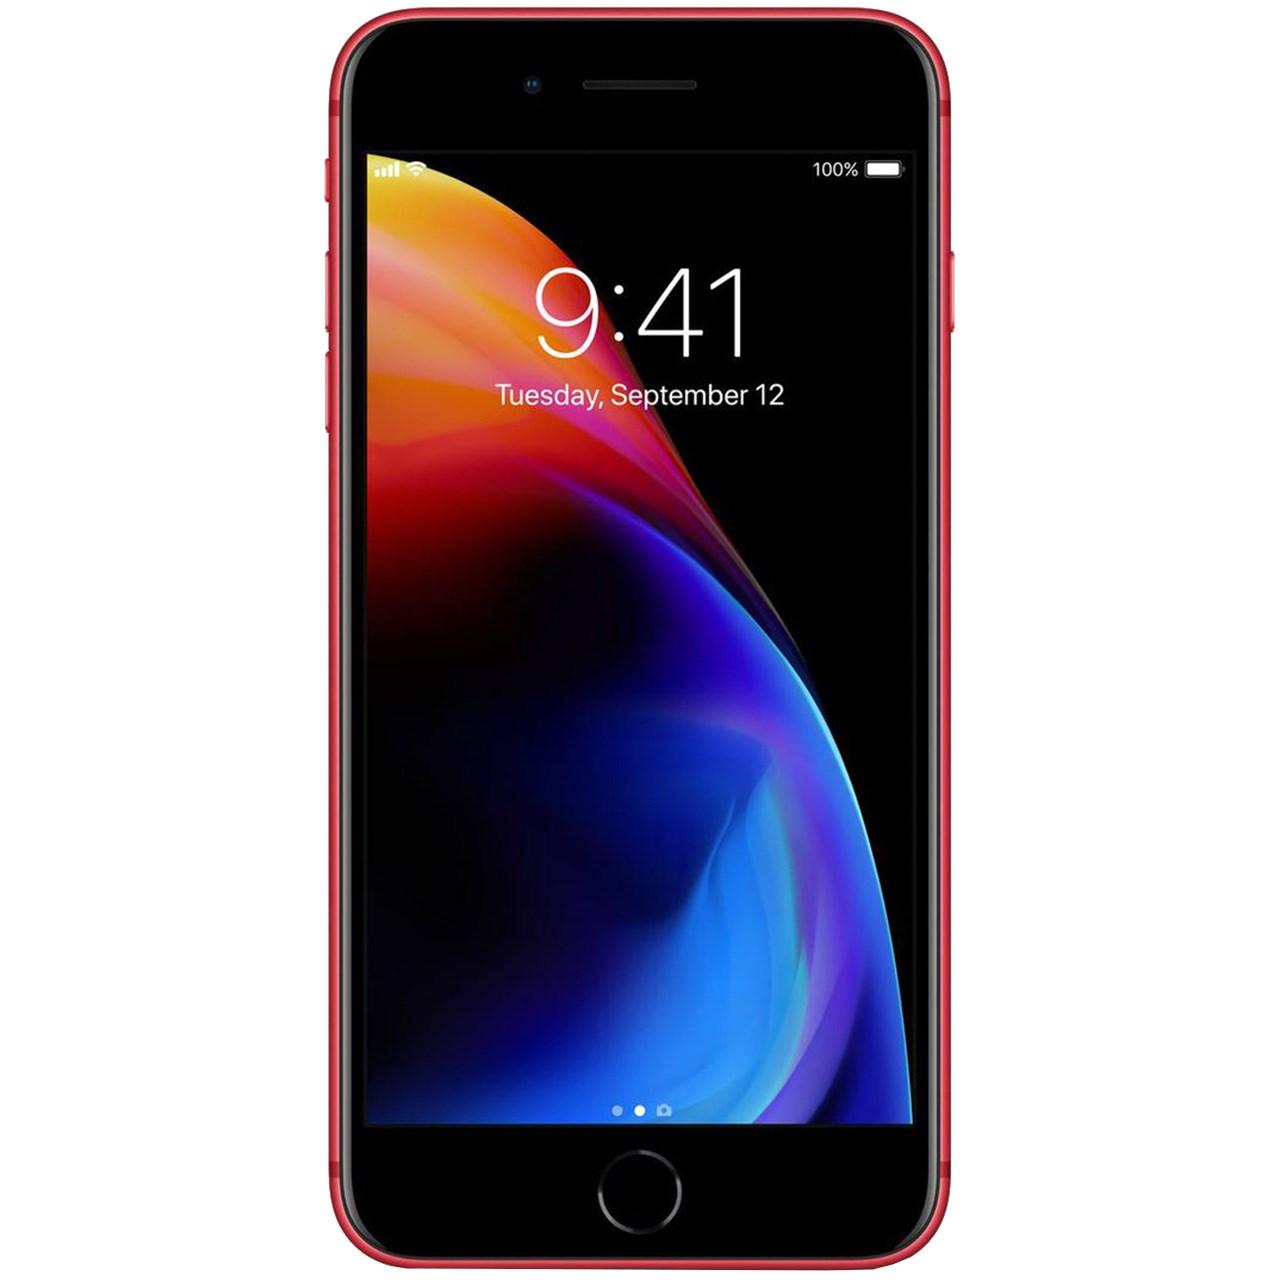 گوشی موبایل اپل مدل iPhone 8 (Product) Red ظرفیت 64 گیگابایت